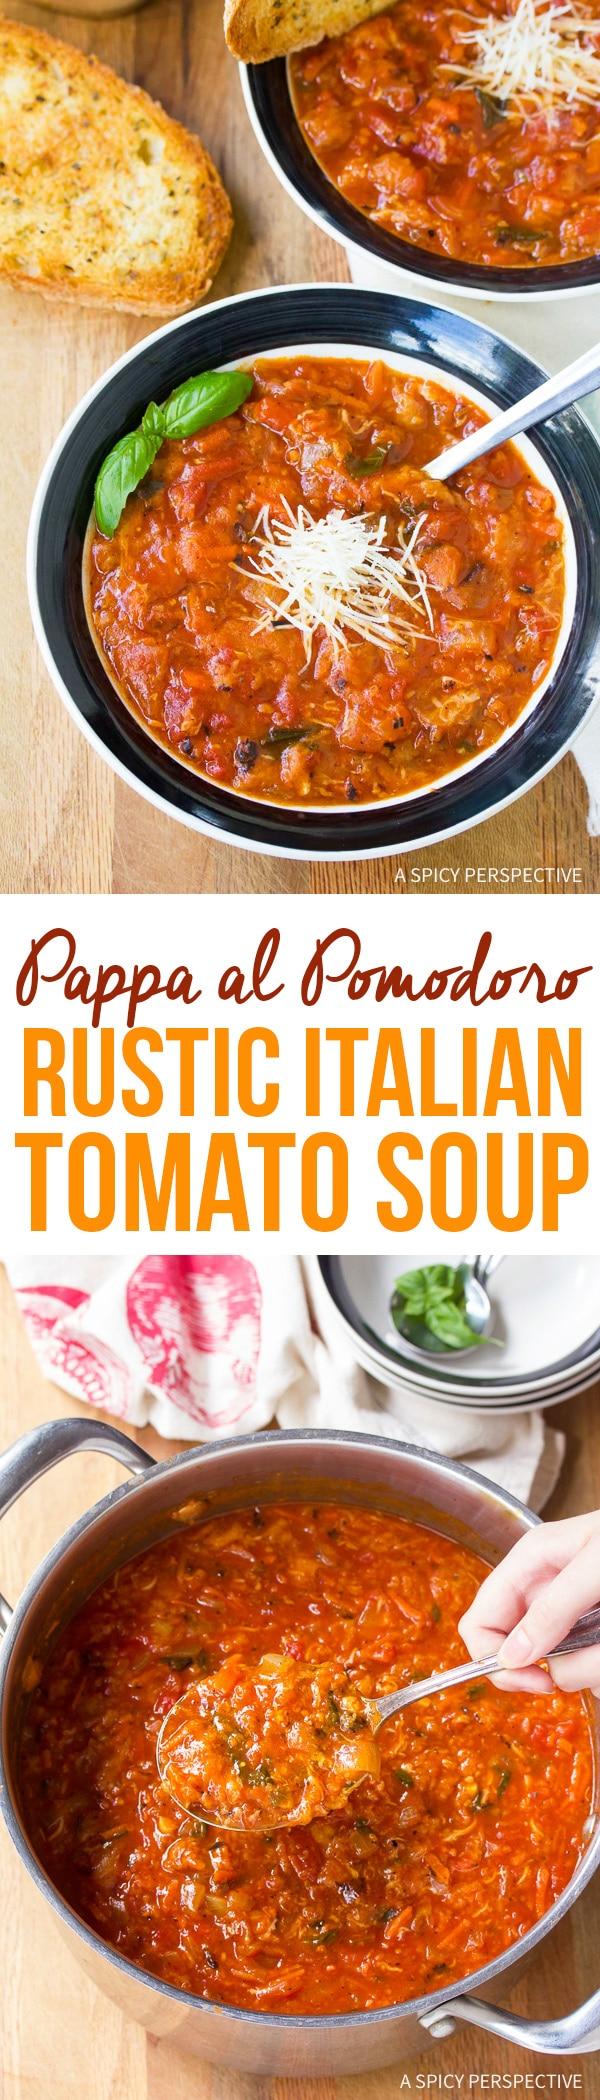 Rustic Pappa al Pomodoro - Italian Homemade Tomato Soup Recipe